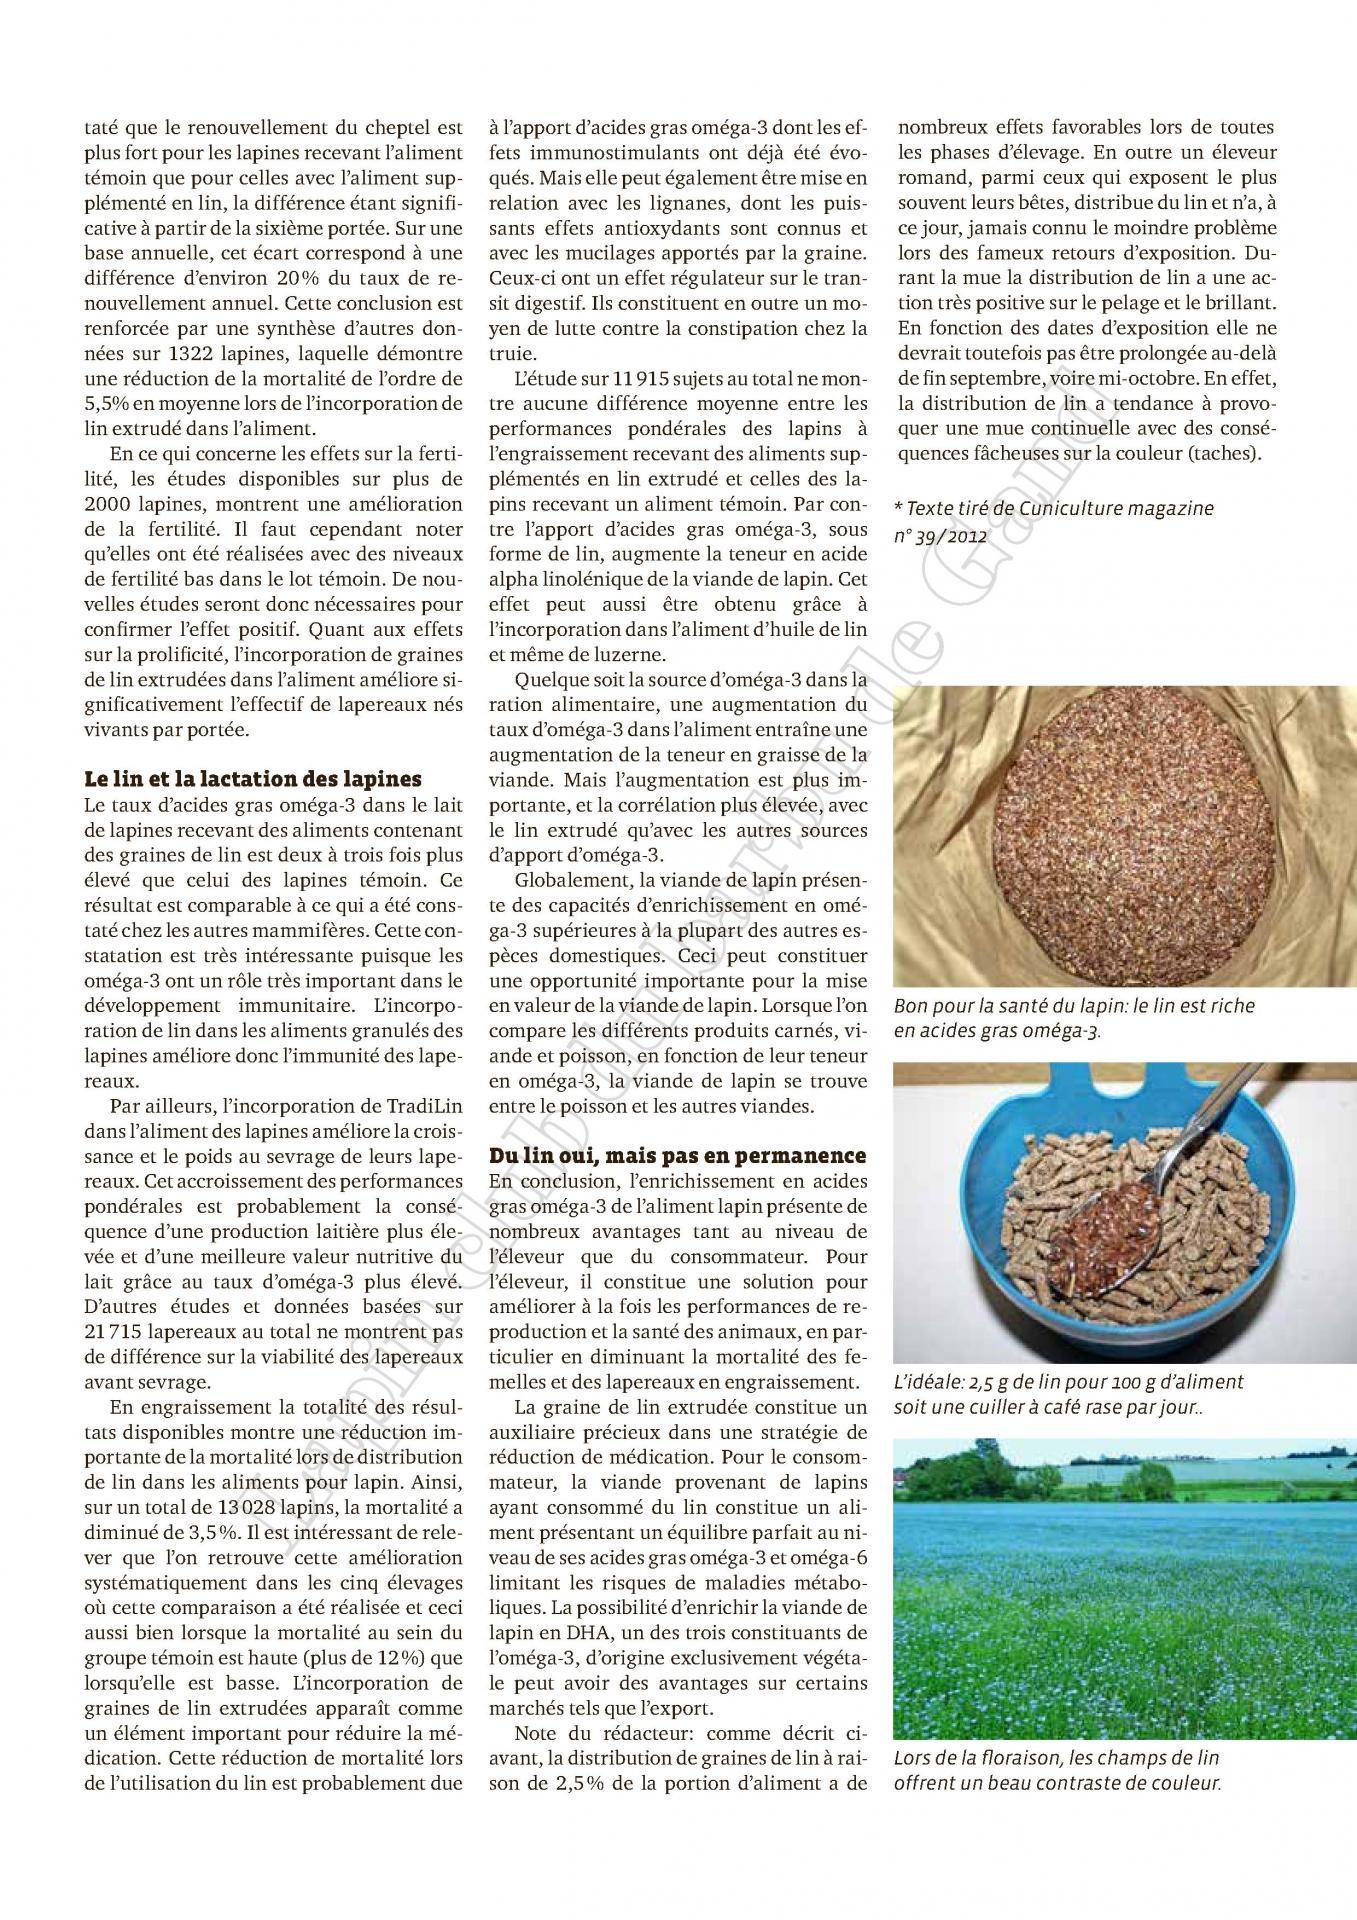 Effets d un rajout de lin extrudes dans les aliments lapin 2